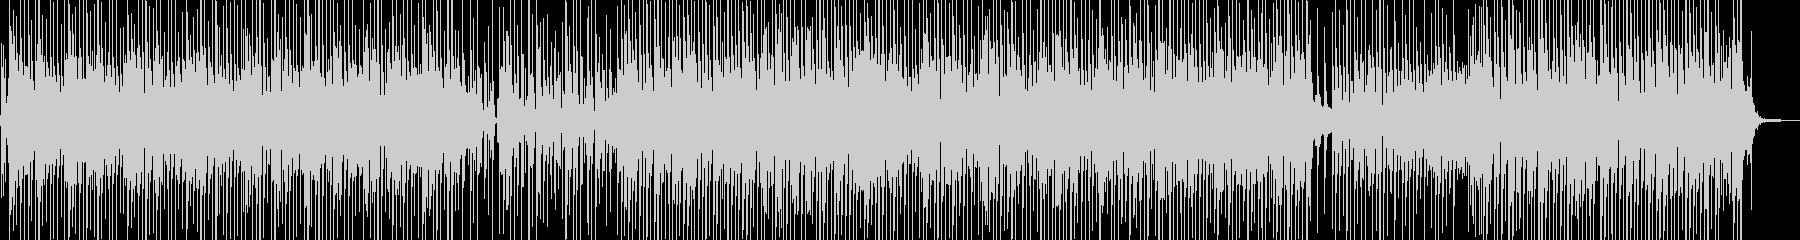 ほのぼの・バカンスイメージのレゲェの未再生の波形